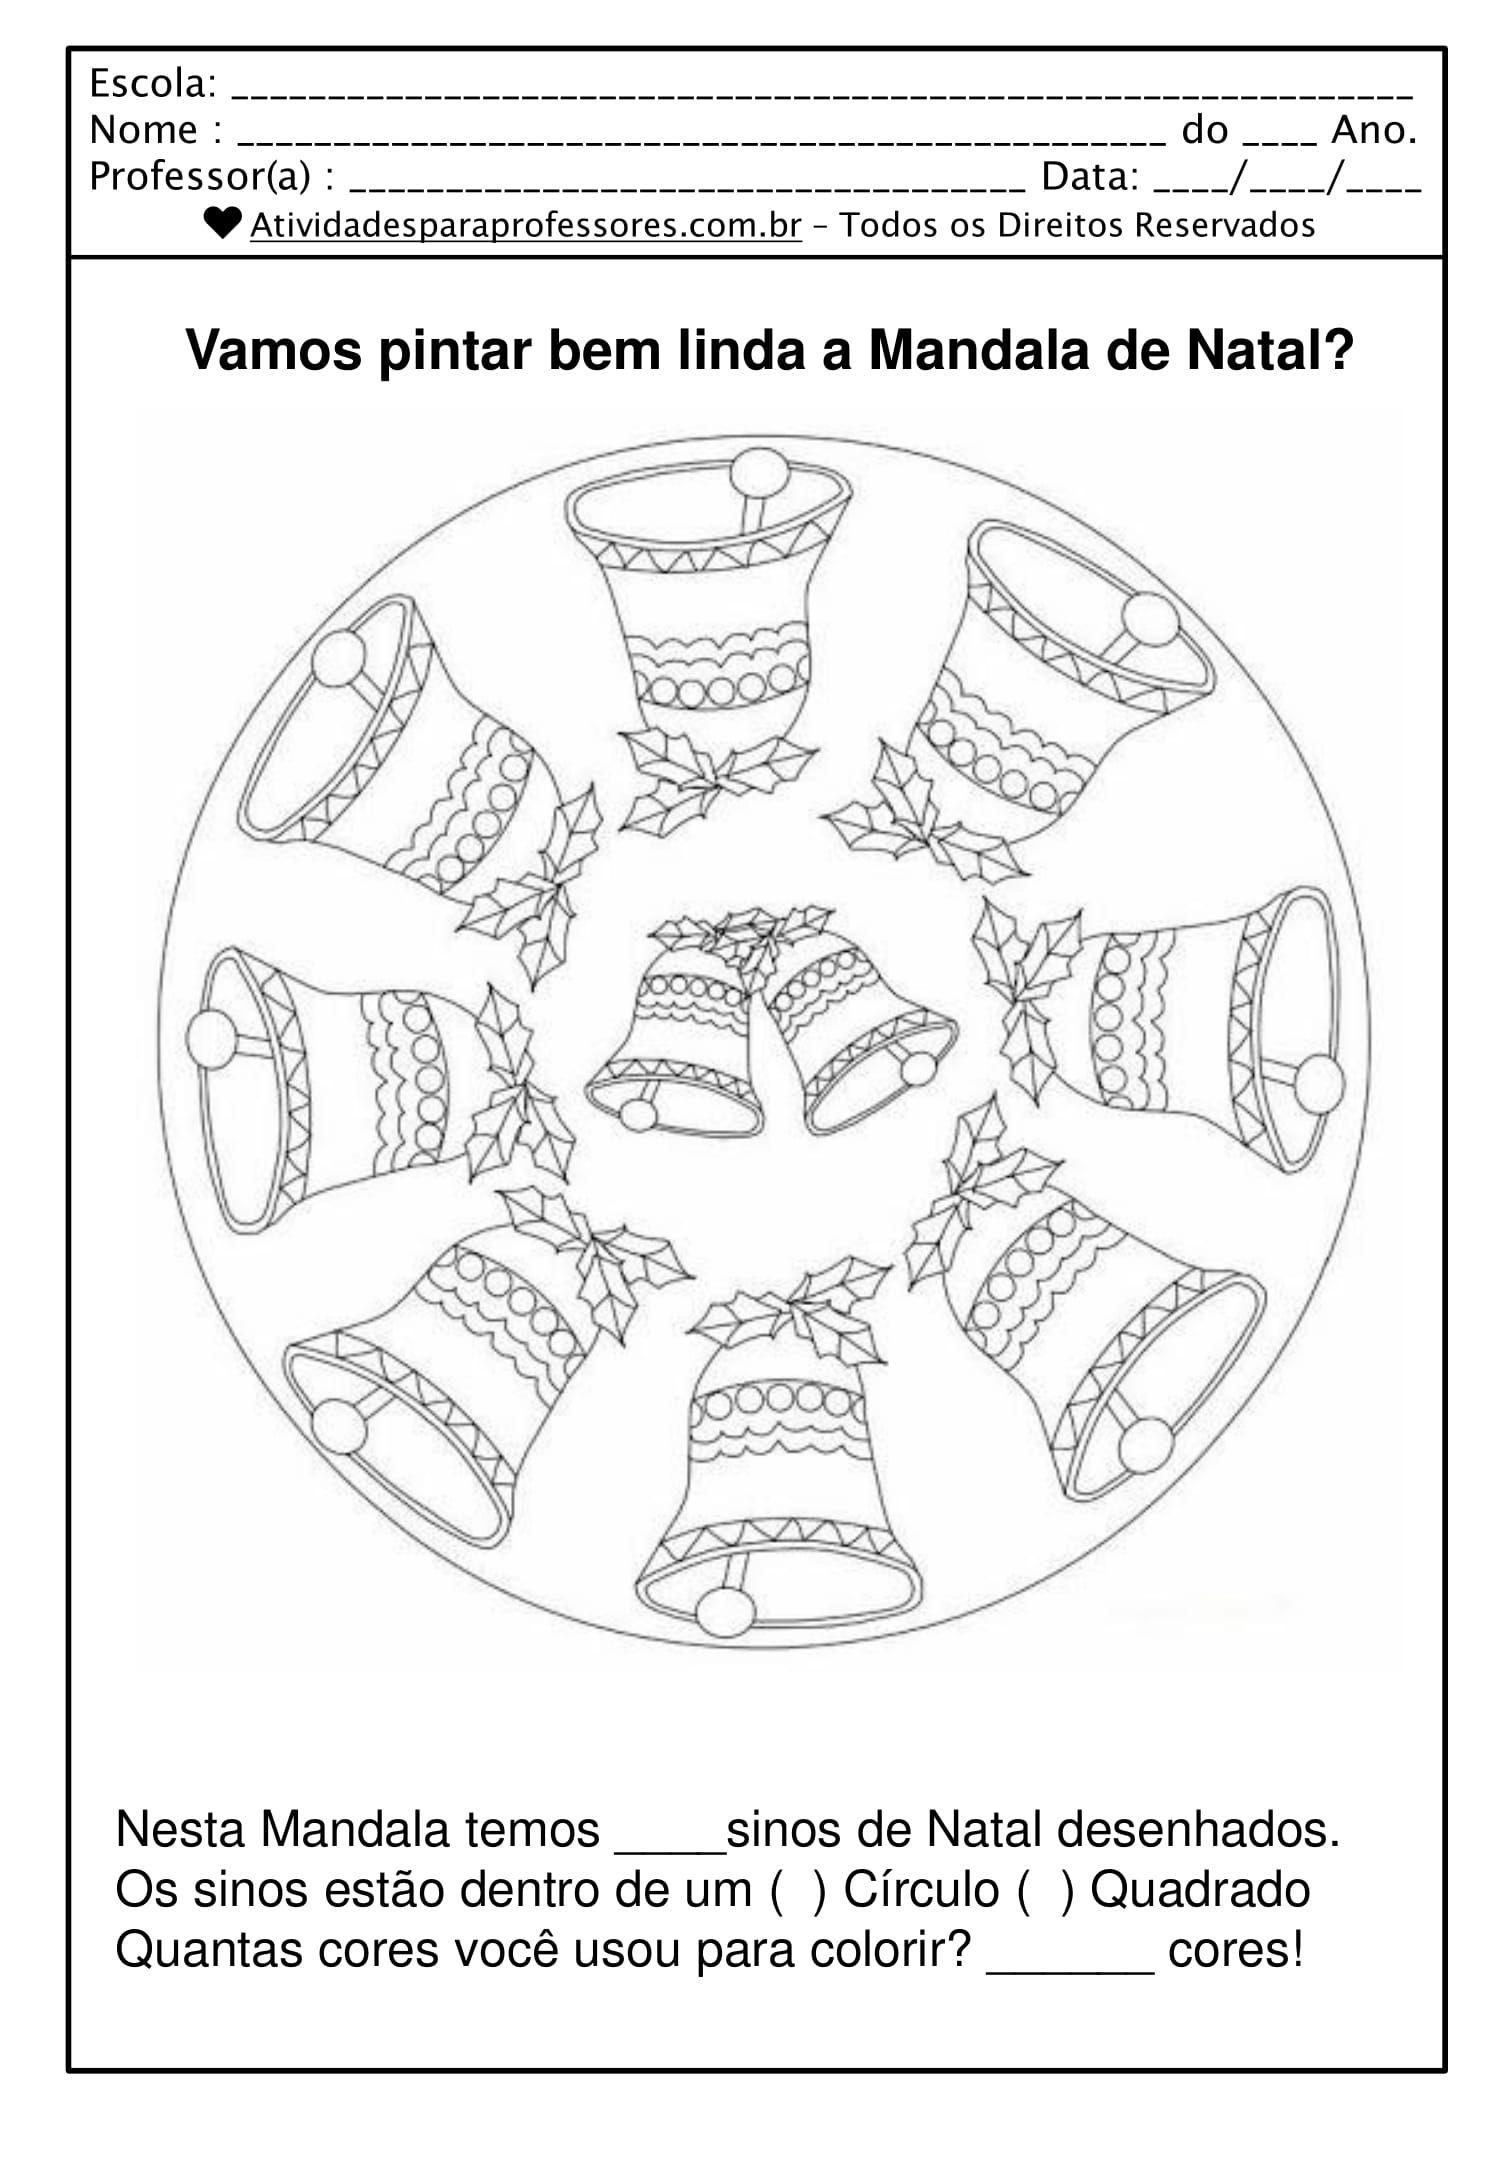 35 Mandalas De Natal Para Colorir Em Pdf Com Imagens Mandala